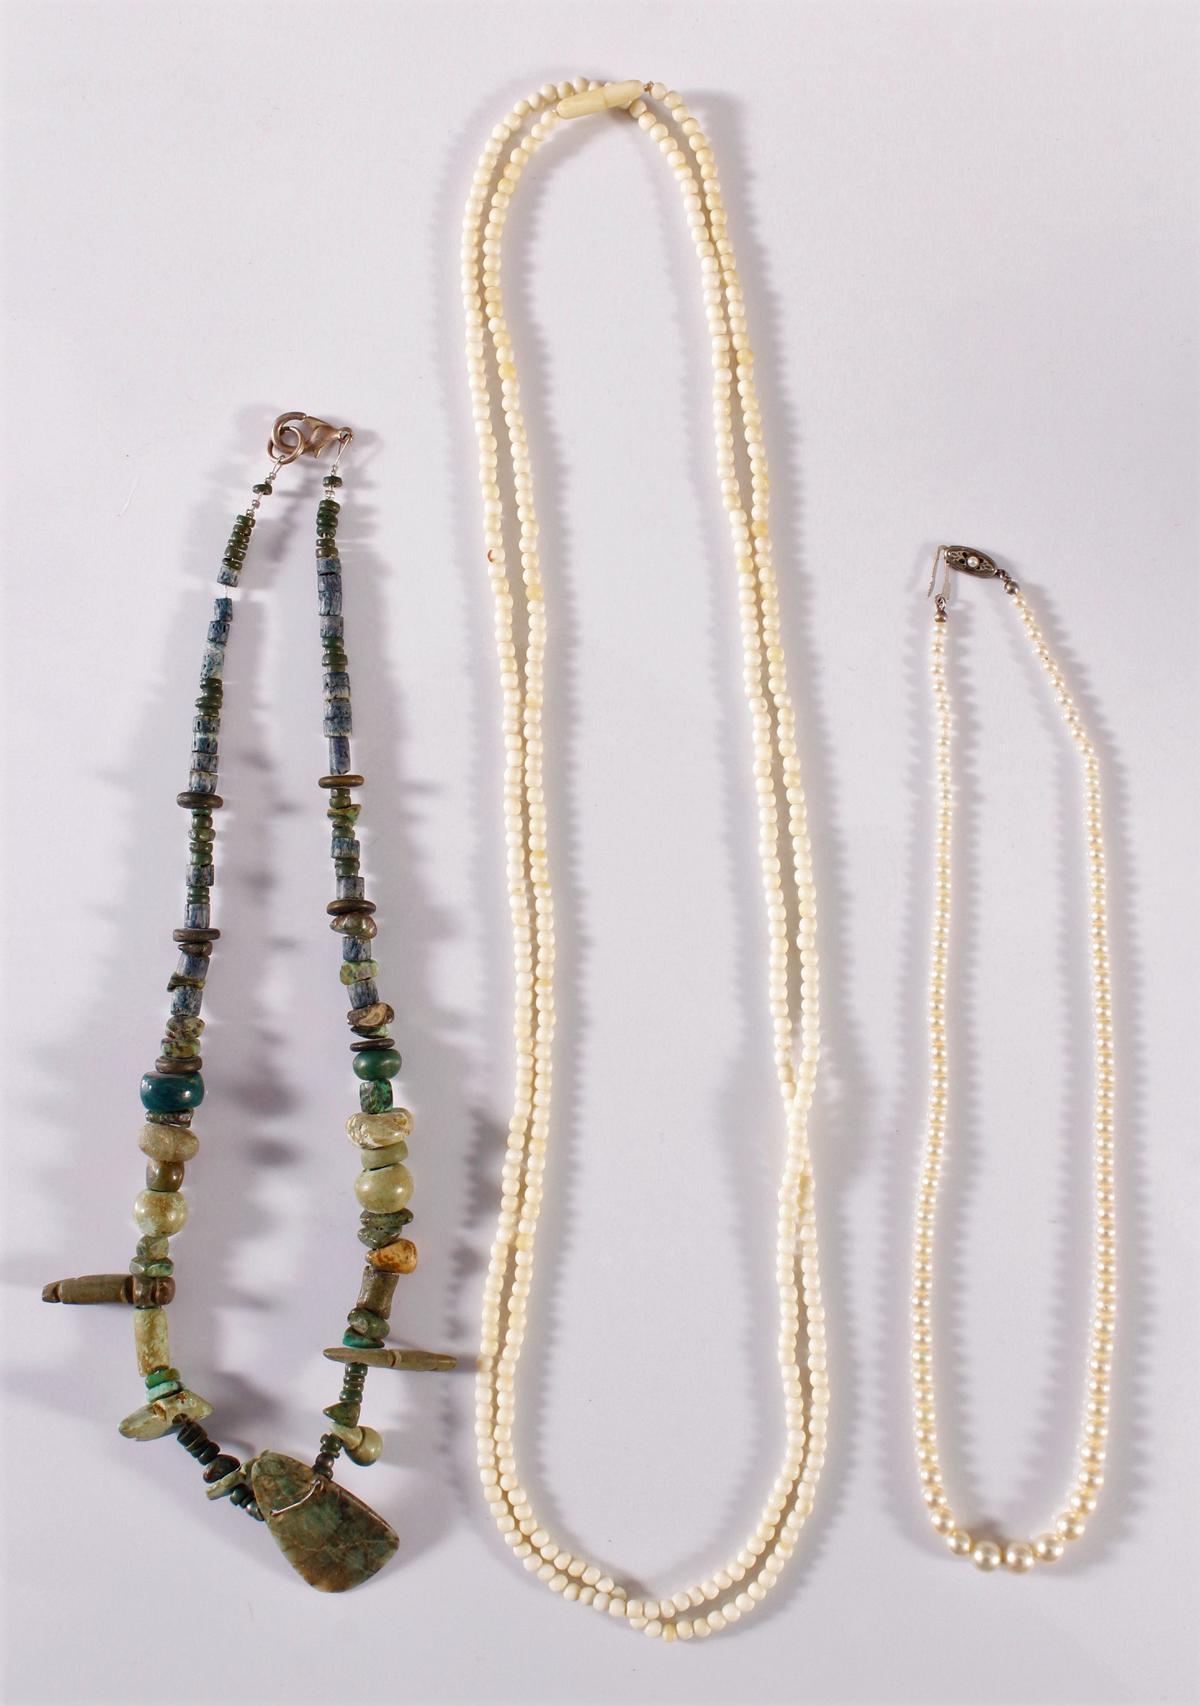 3 Halsketten aus Elfenbein, Perlen und Edelsteinen.